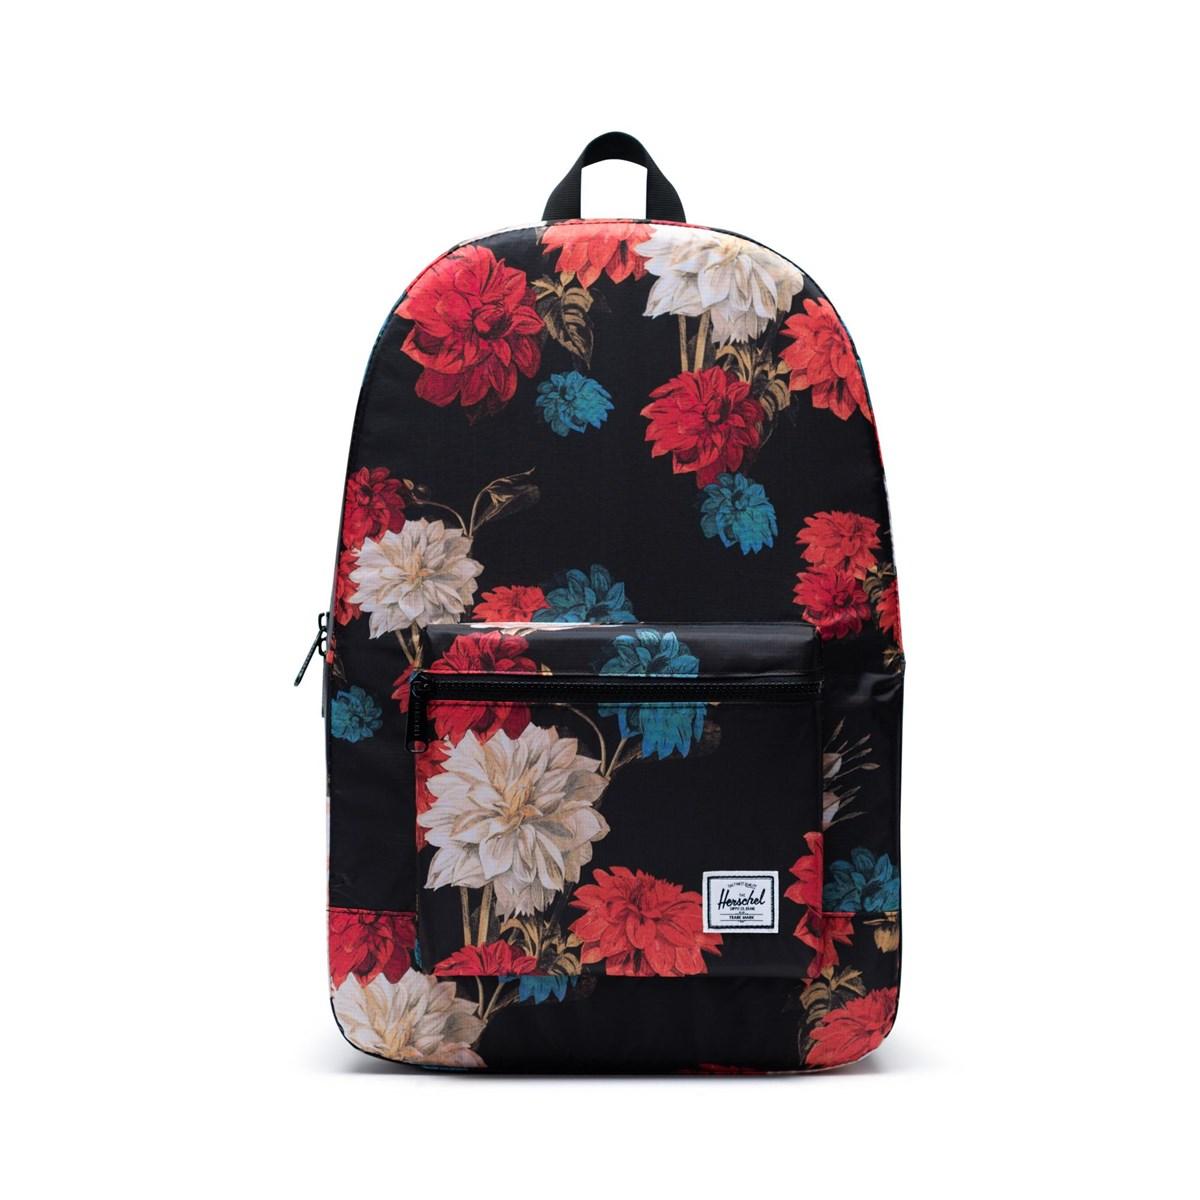 Women's Vintage Floral Daypack Backpack